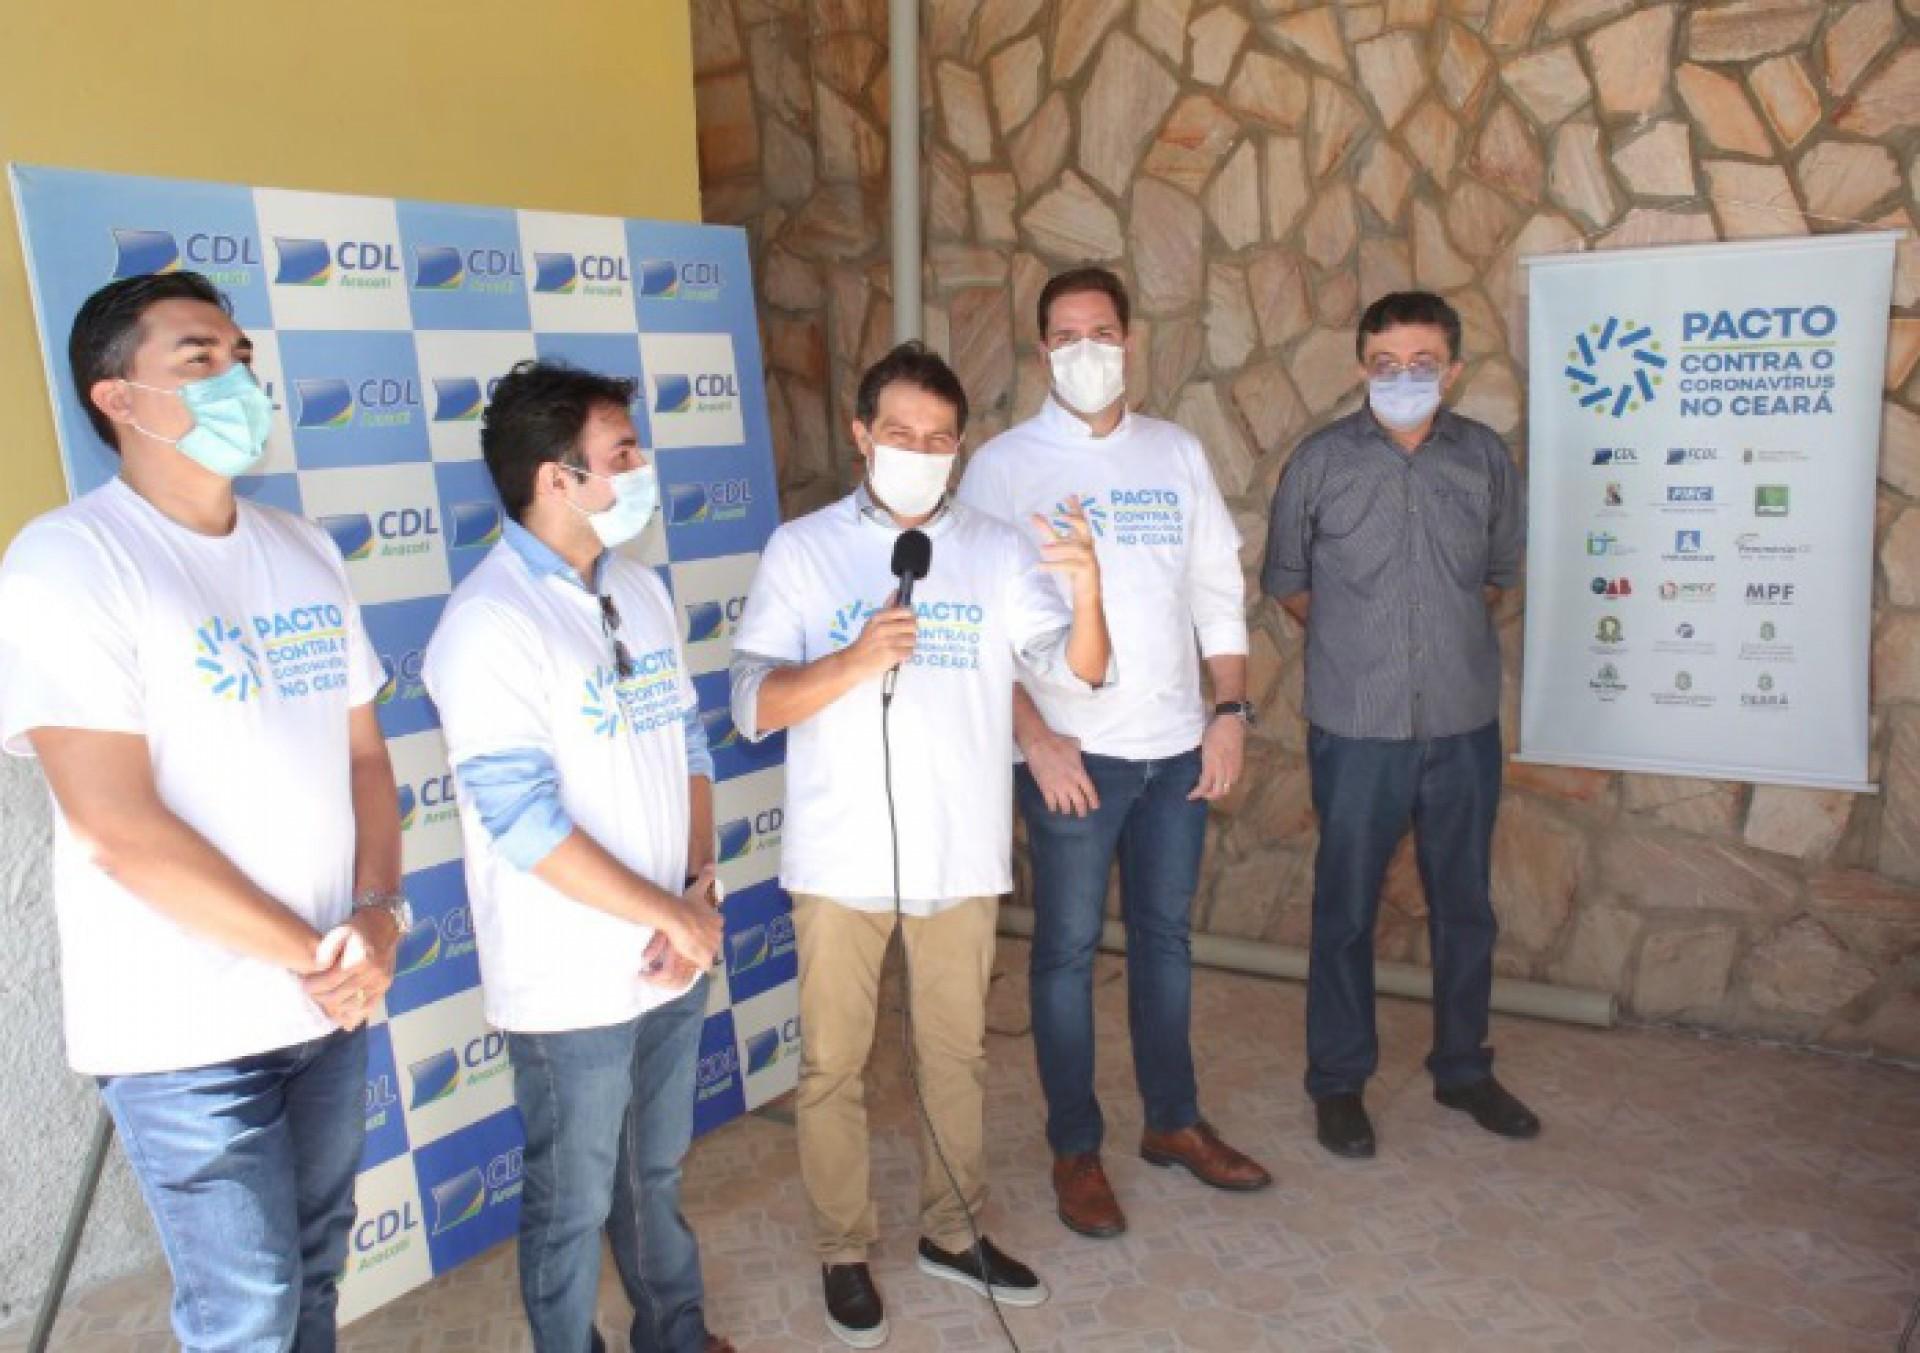 Evandro Leitão esteve com o Pacto contra o Coronavírus em Aracati e Morada Nova (Foto: DIVULGAÇÃO)